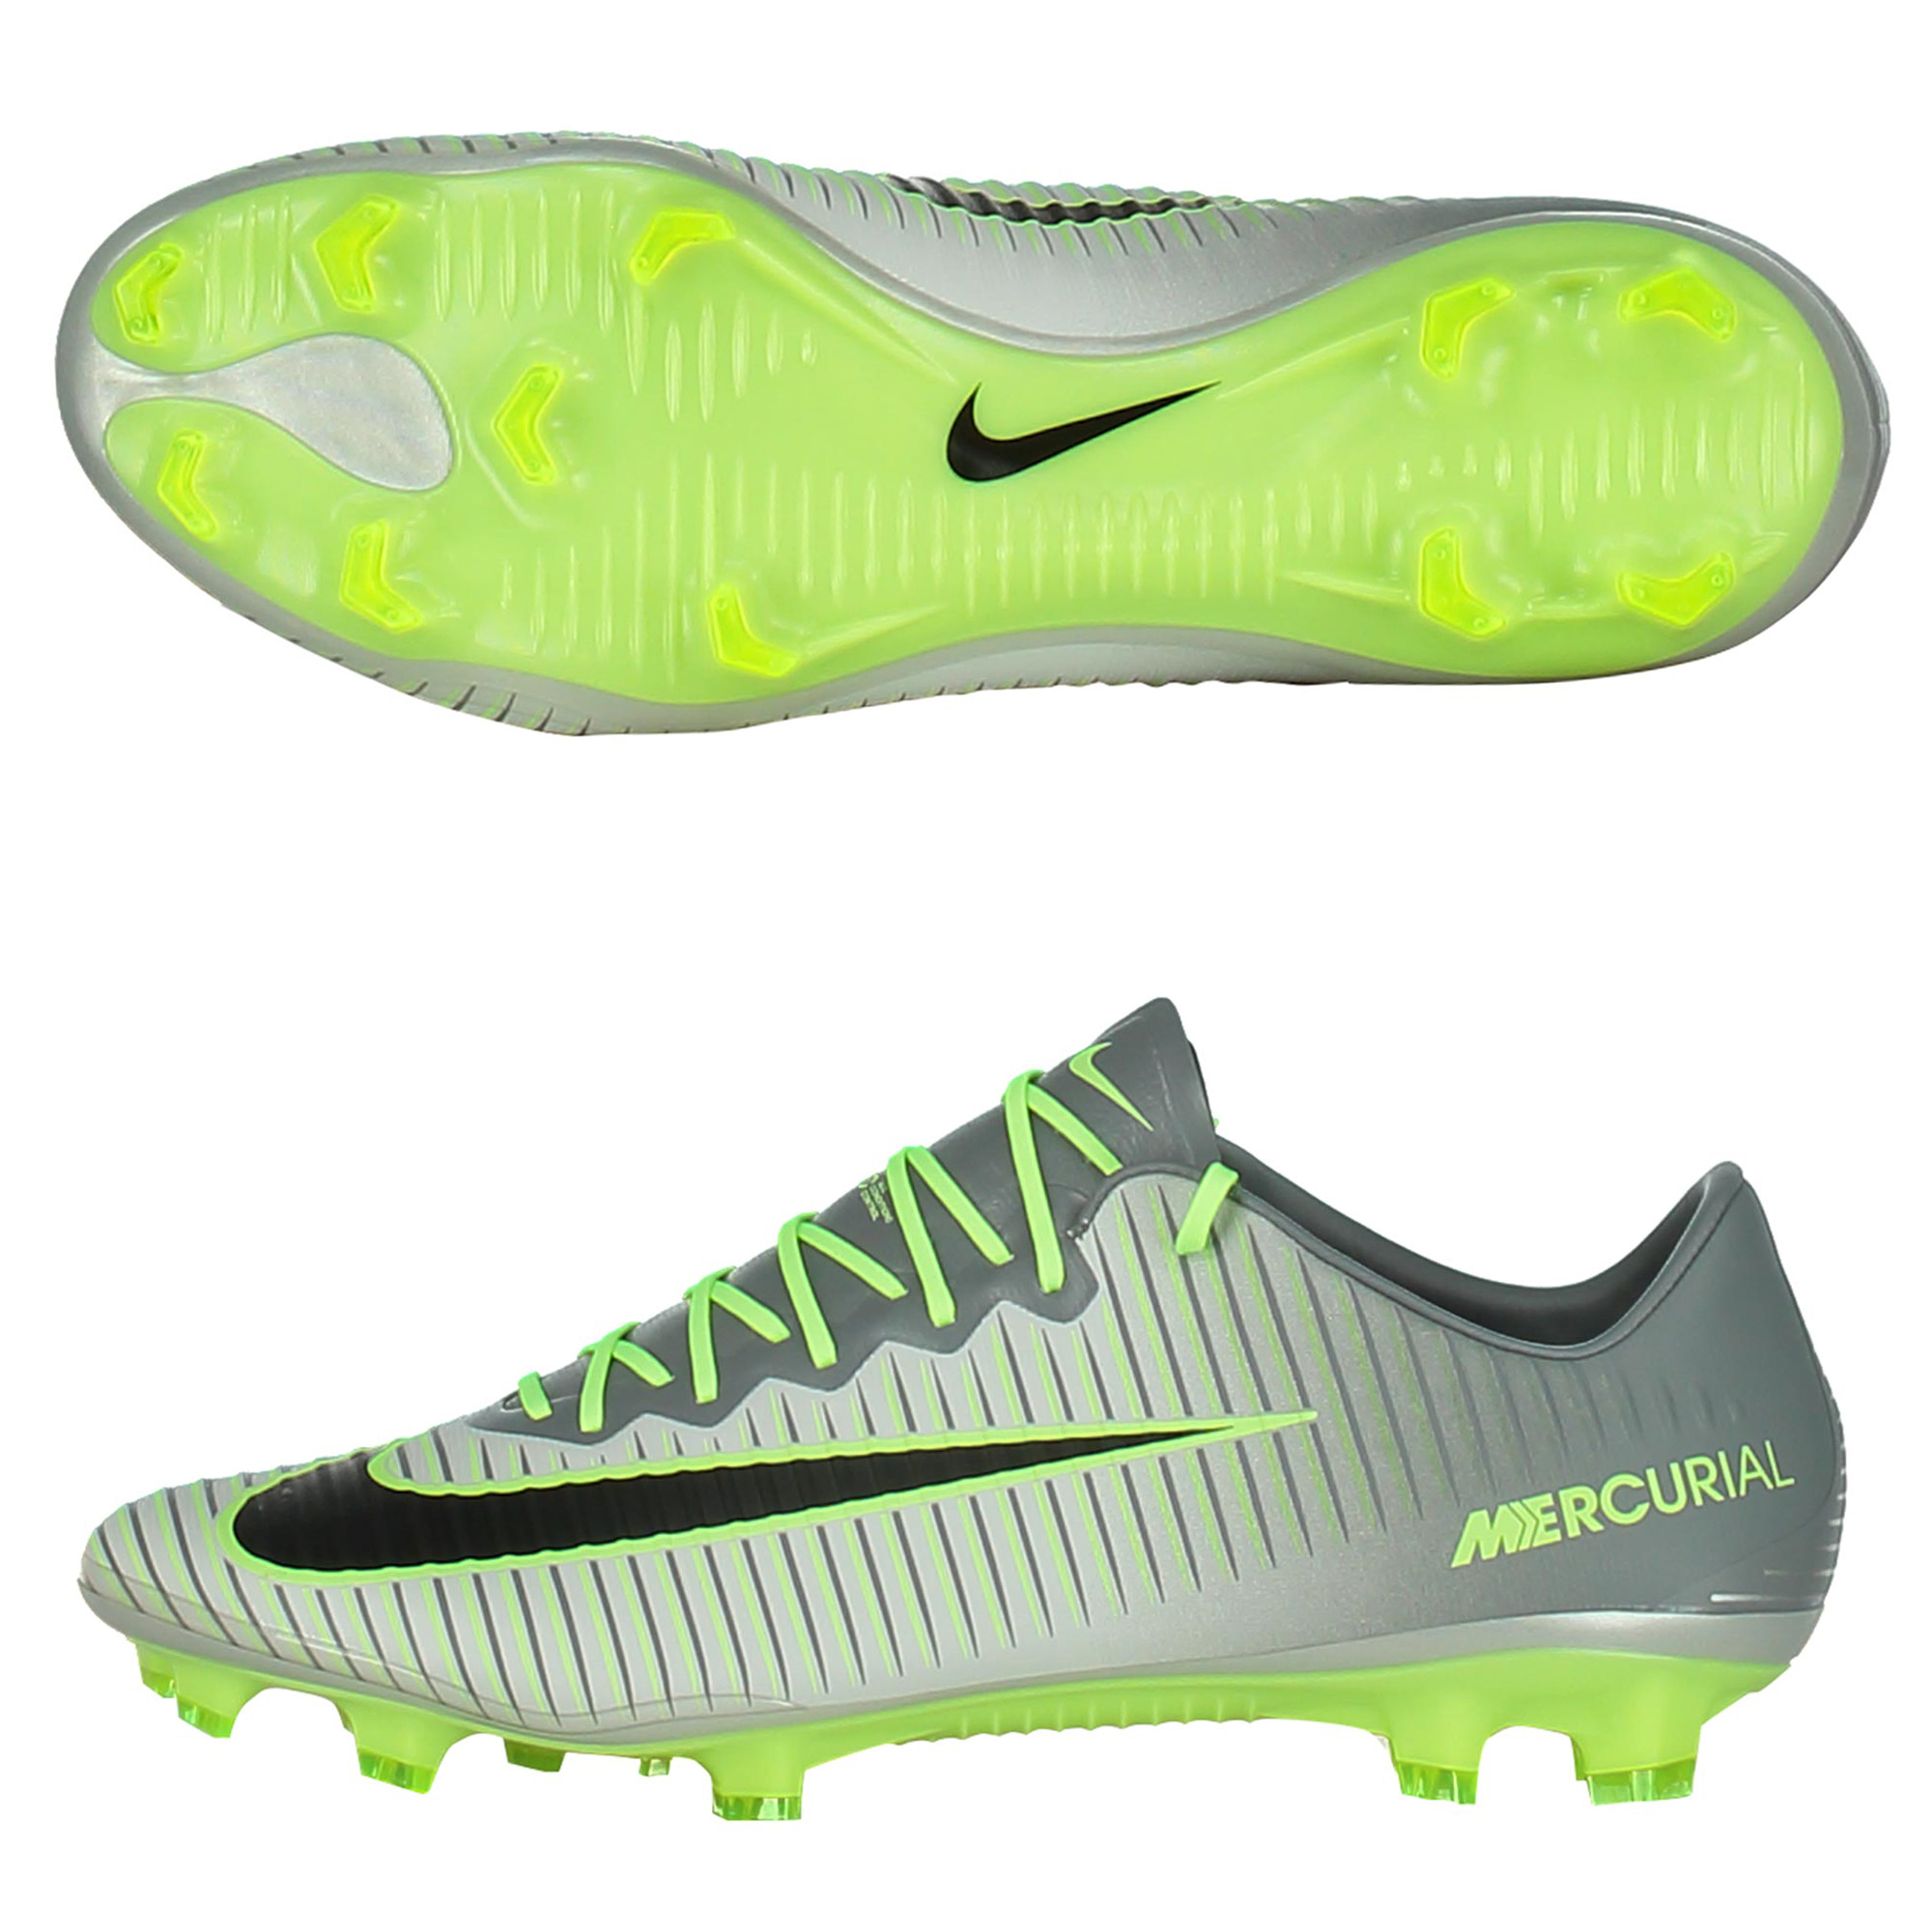 Nike Mercurial Vapor XI FG Pure Platinum/Bla